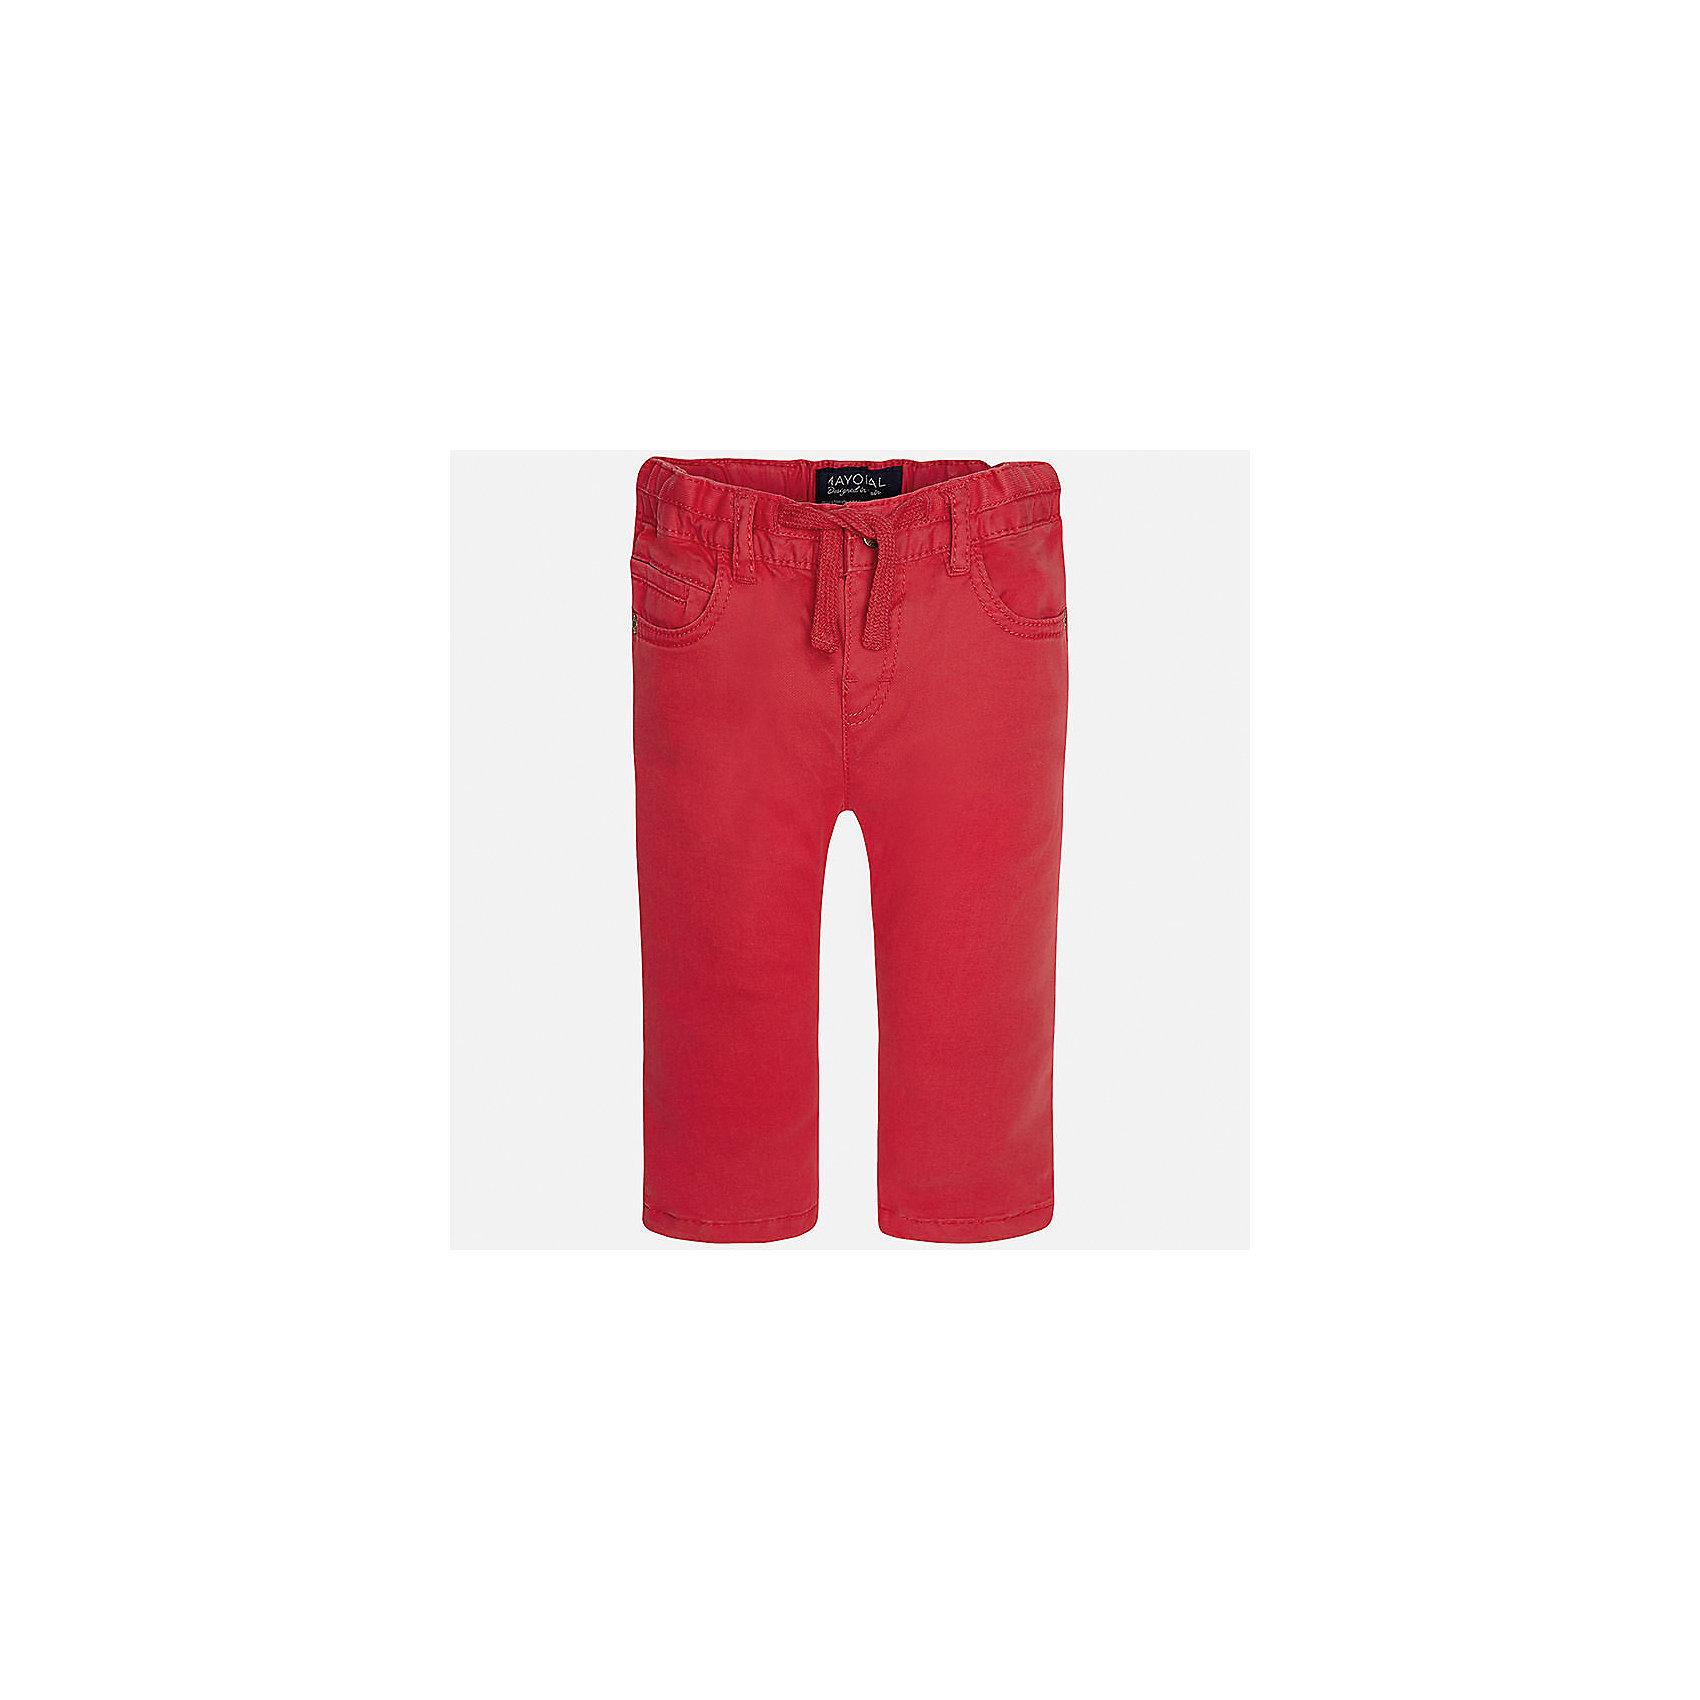 Брюки для мальчика MayoralДжинсы и брючки<br>Характеристики товара:<br><br>• цвет: красный<br>• состав: 98% хлопок, 2% эластан<br>• на задних карманах пуговицы<br>• прямые штанины<br>• пояс - широкая резинка и шнурок<br>• страна бренда: Испания<br><br>Красивые брюки для мальчика помогут обеспечить ребенку комфорт. Они отлично сочетаются с майками, футболками, куртками и т.д. Универсальный крой и цвет позволяет подобрать к вещи верх разных расцветок. Практичное и стильное изделие! В составе материала - натуральный хлопок, гипоаллергенный, приятный на ощупь, дышащий.<br><br>Одежда, обувь и аксессуары от испанского бренда Mayoral полюбились детям и взрослым по всему миру. Модели этой марки - стильные и удобные. Для их производства используются только безопасные, качественные материалы и фурнитура. Порадуйте ребенка модными и красивыми вещами от Mayoral! <br><br>Брюки для мальчика от испанского бренда Mayoral (Майорал) можно купить в нашем интернет-магазине.<br><br>Ширина мм: 215<br>Глубина мм: 88<br>Высота мм: 191<br>Вес г: 336<br>Цвет: красный<br>Возраст от месяцев: 18<br>Возраст до месяцев: 24<br>Пол: Мужской<br>Возраст: Детский<br>Размер: 92,80,86<br>SKU: 5279661